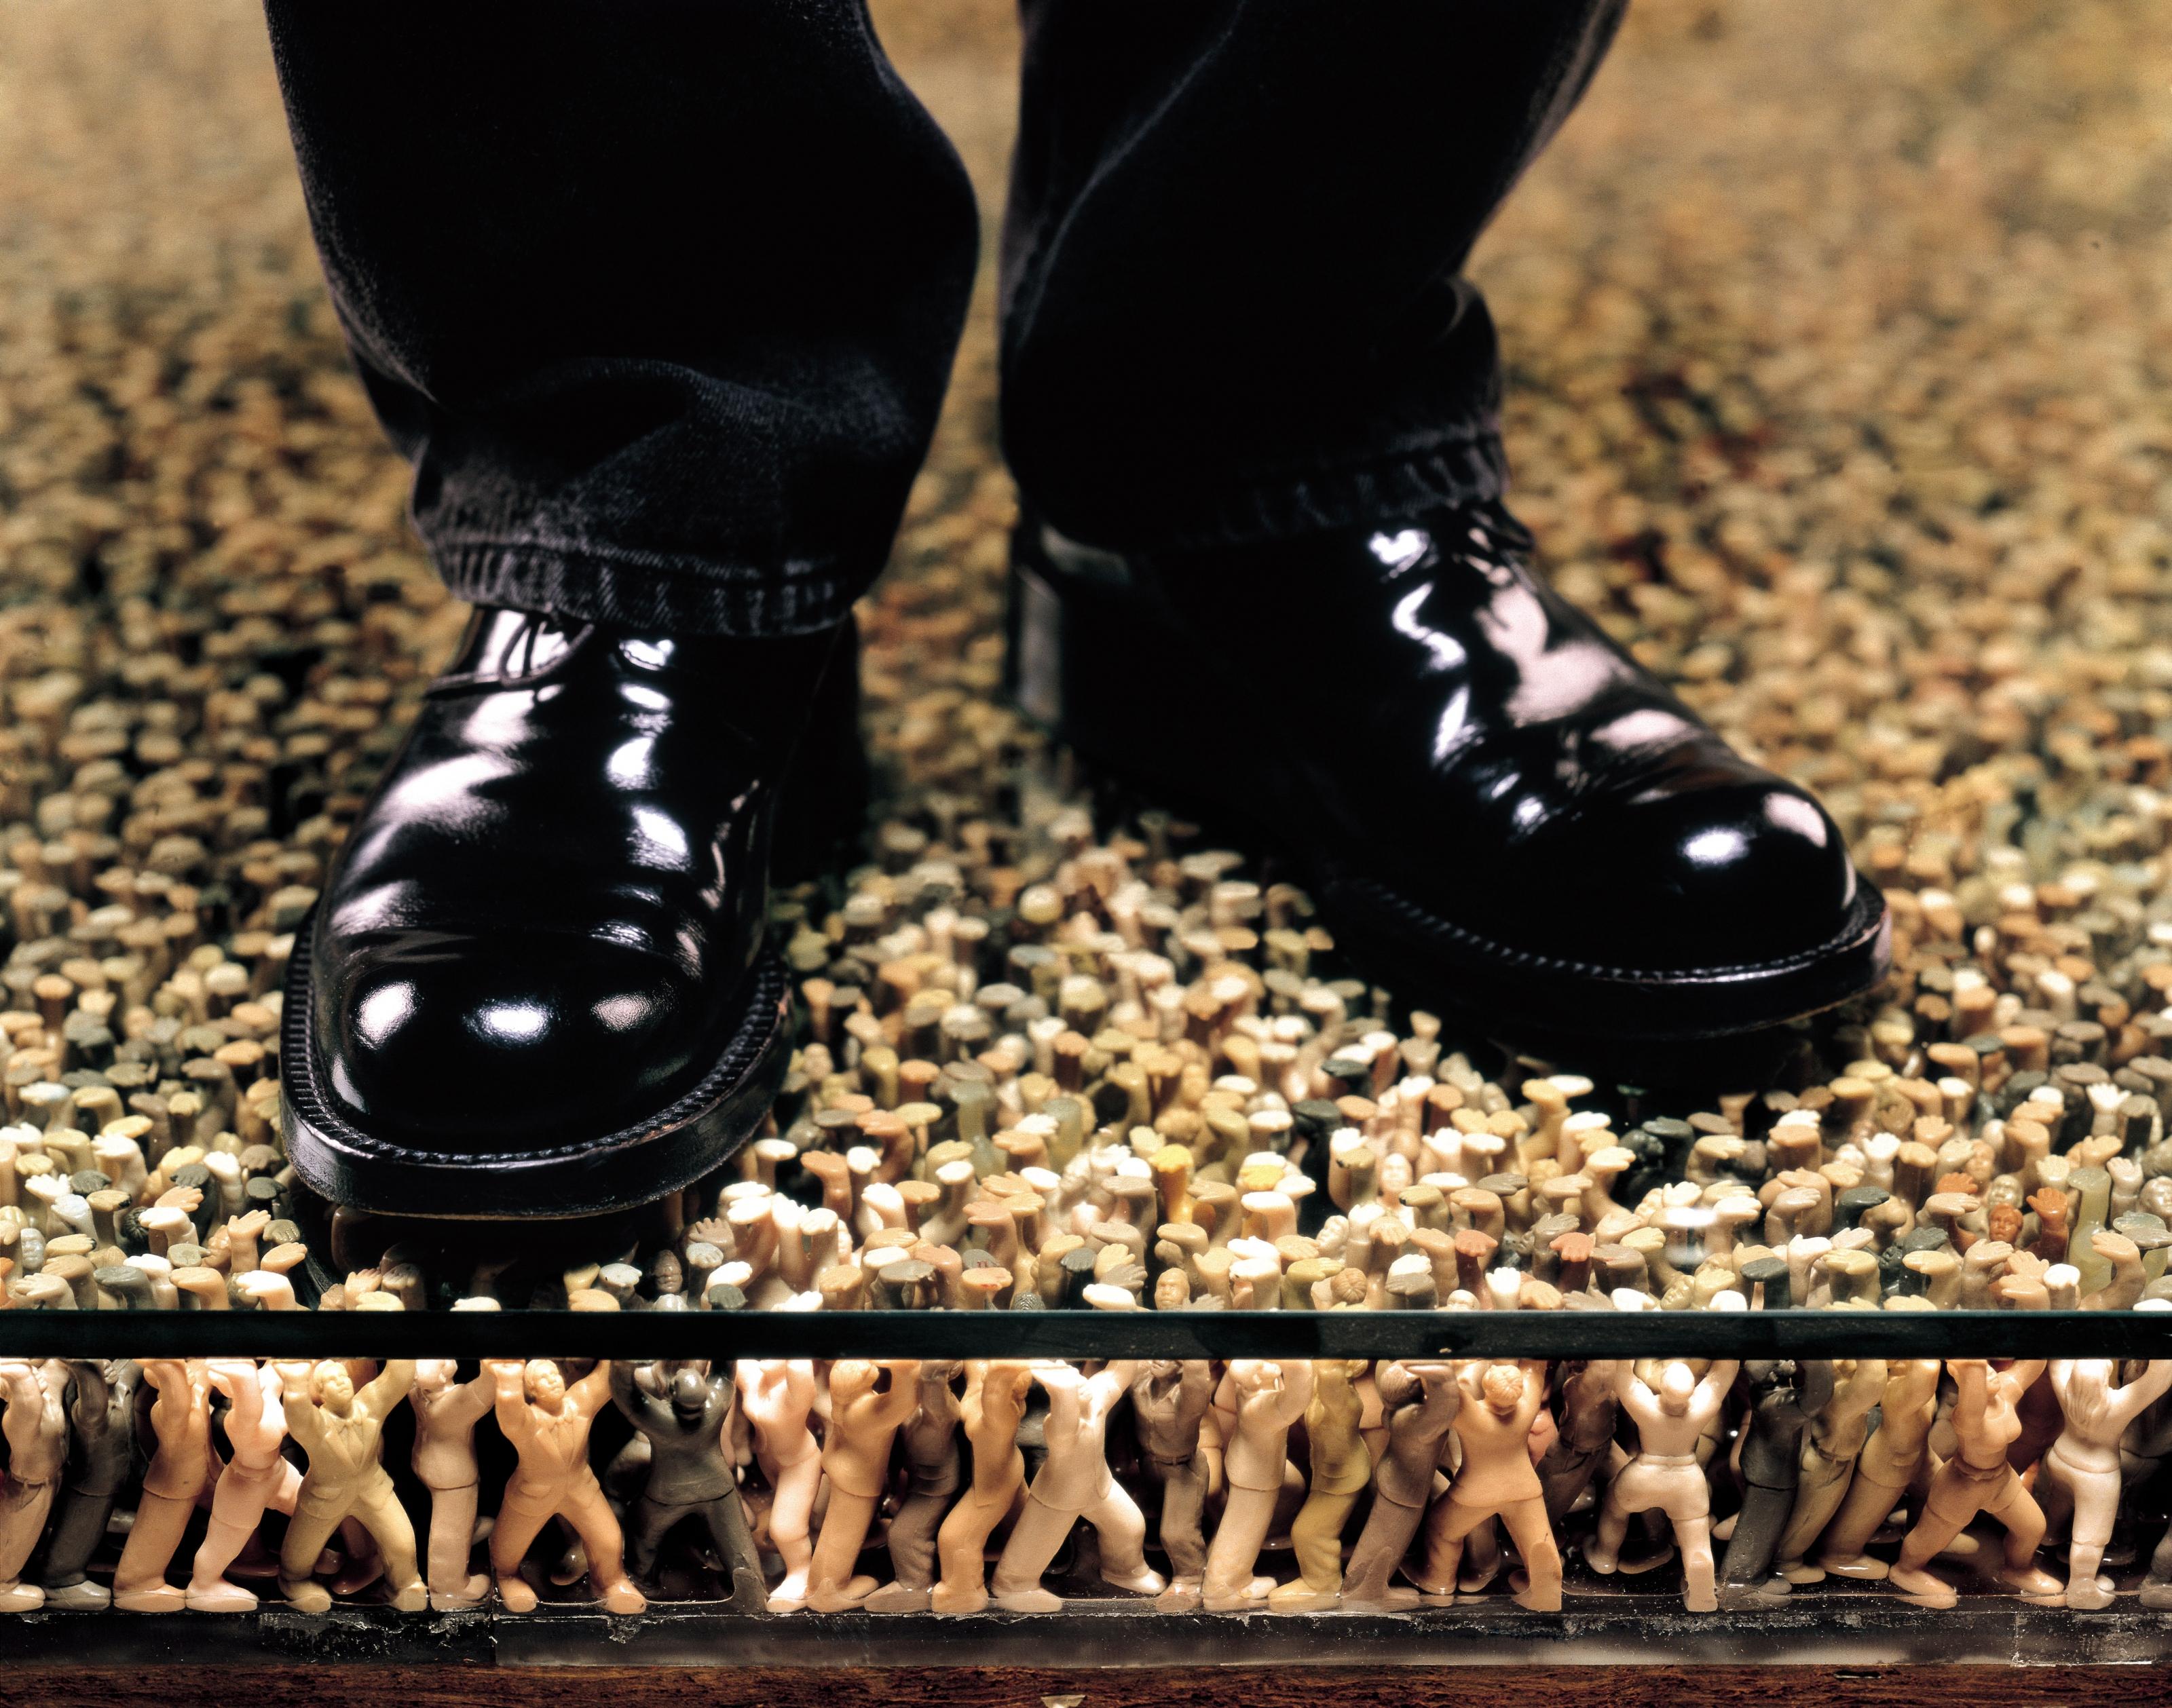 DO HO SUH, Floor (detail), 1997-2000